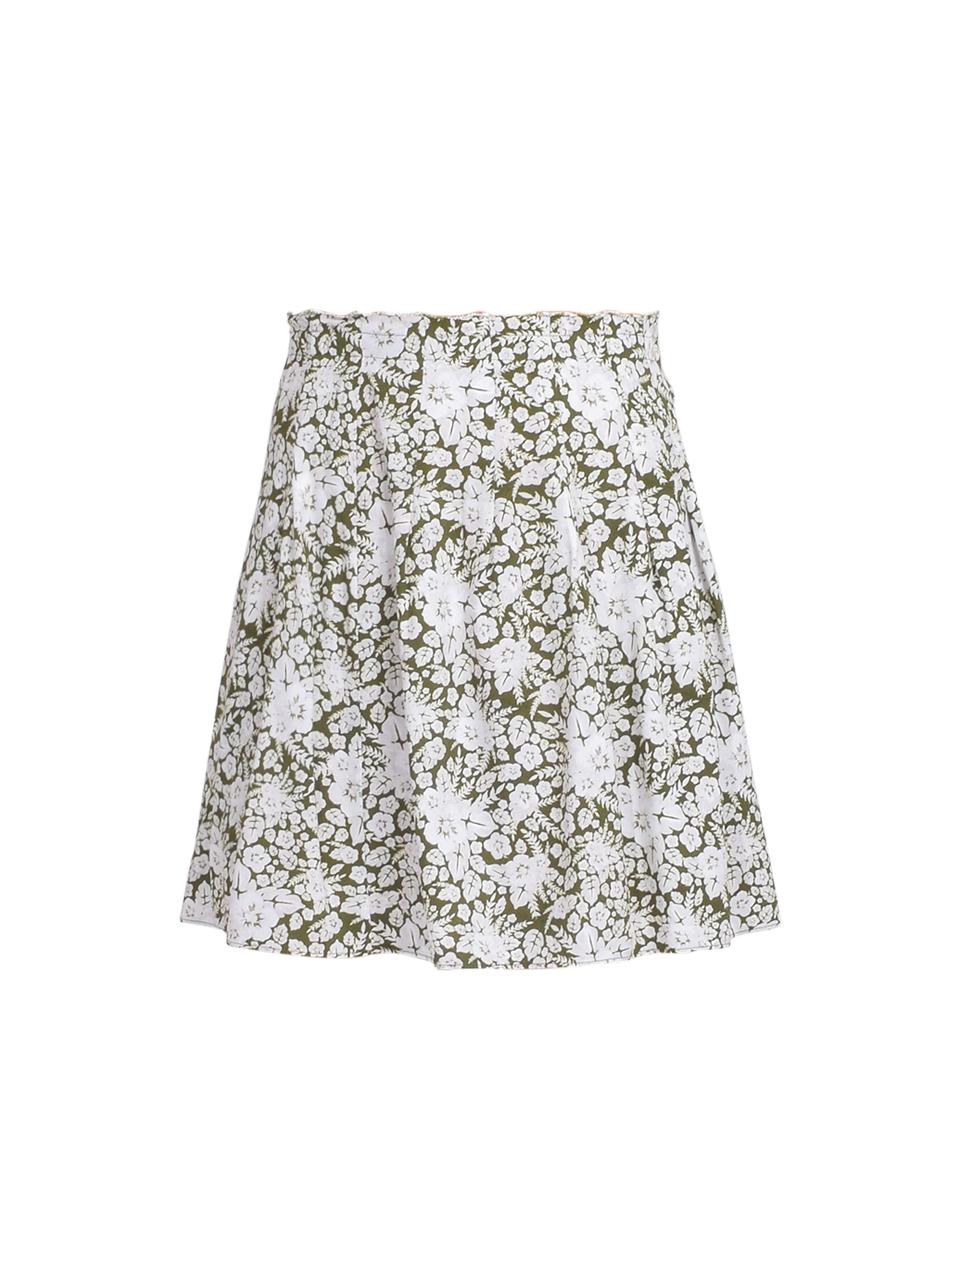 Bellerose Lexie Skirt Product Shot